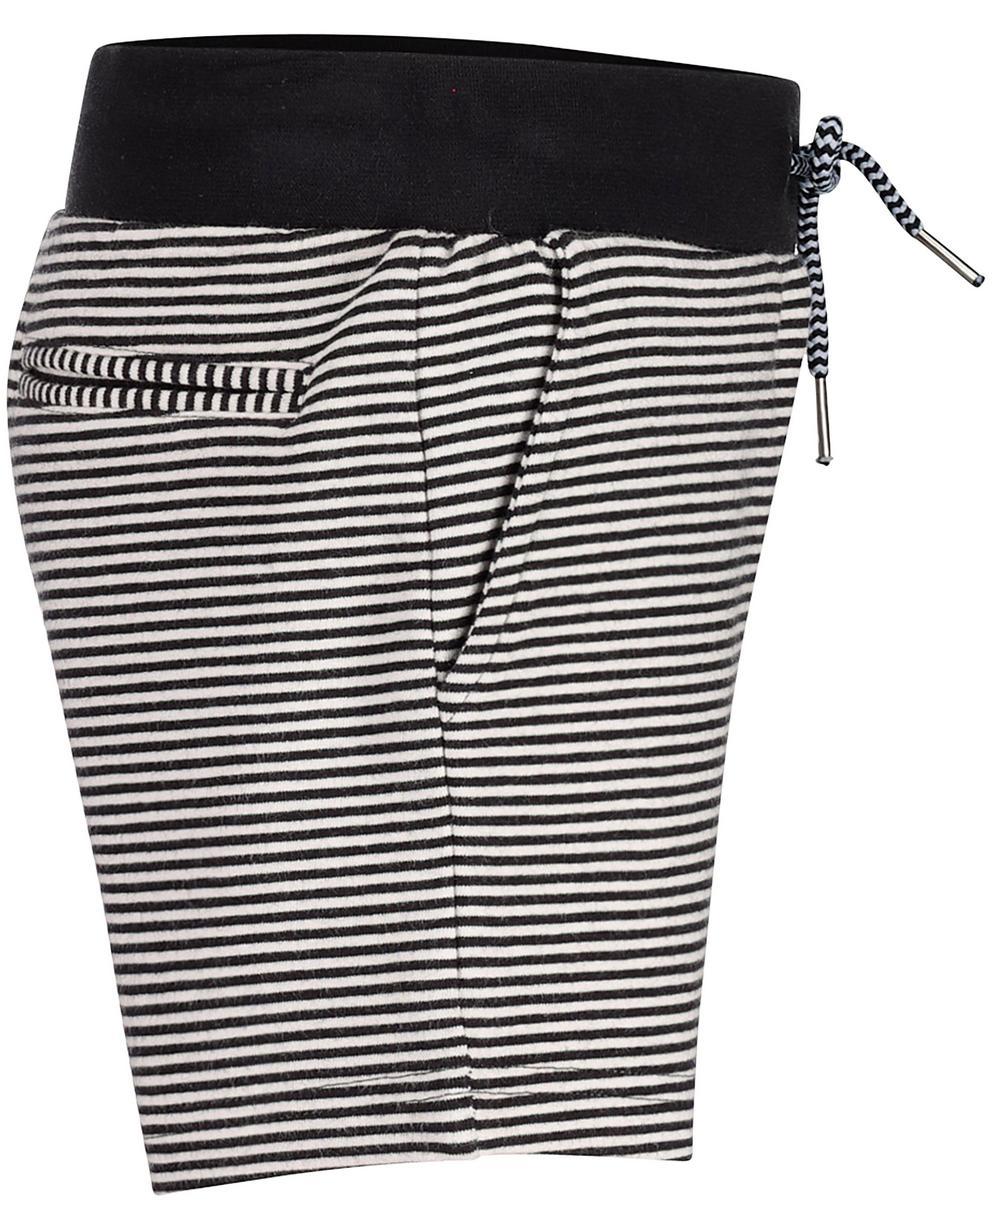 Shorts - assortment - Short rayé. Next. Plus en stock. Short rayé. noir et  blanc afd7066b3a0